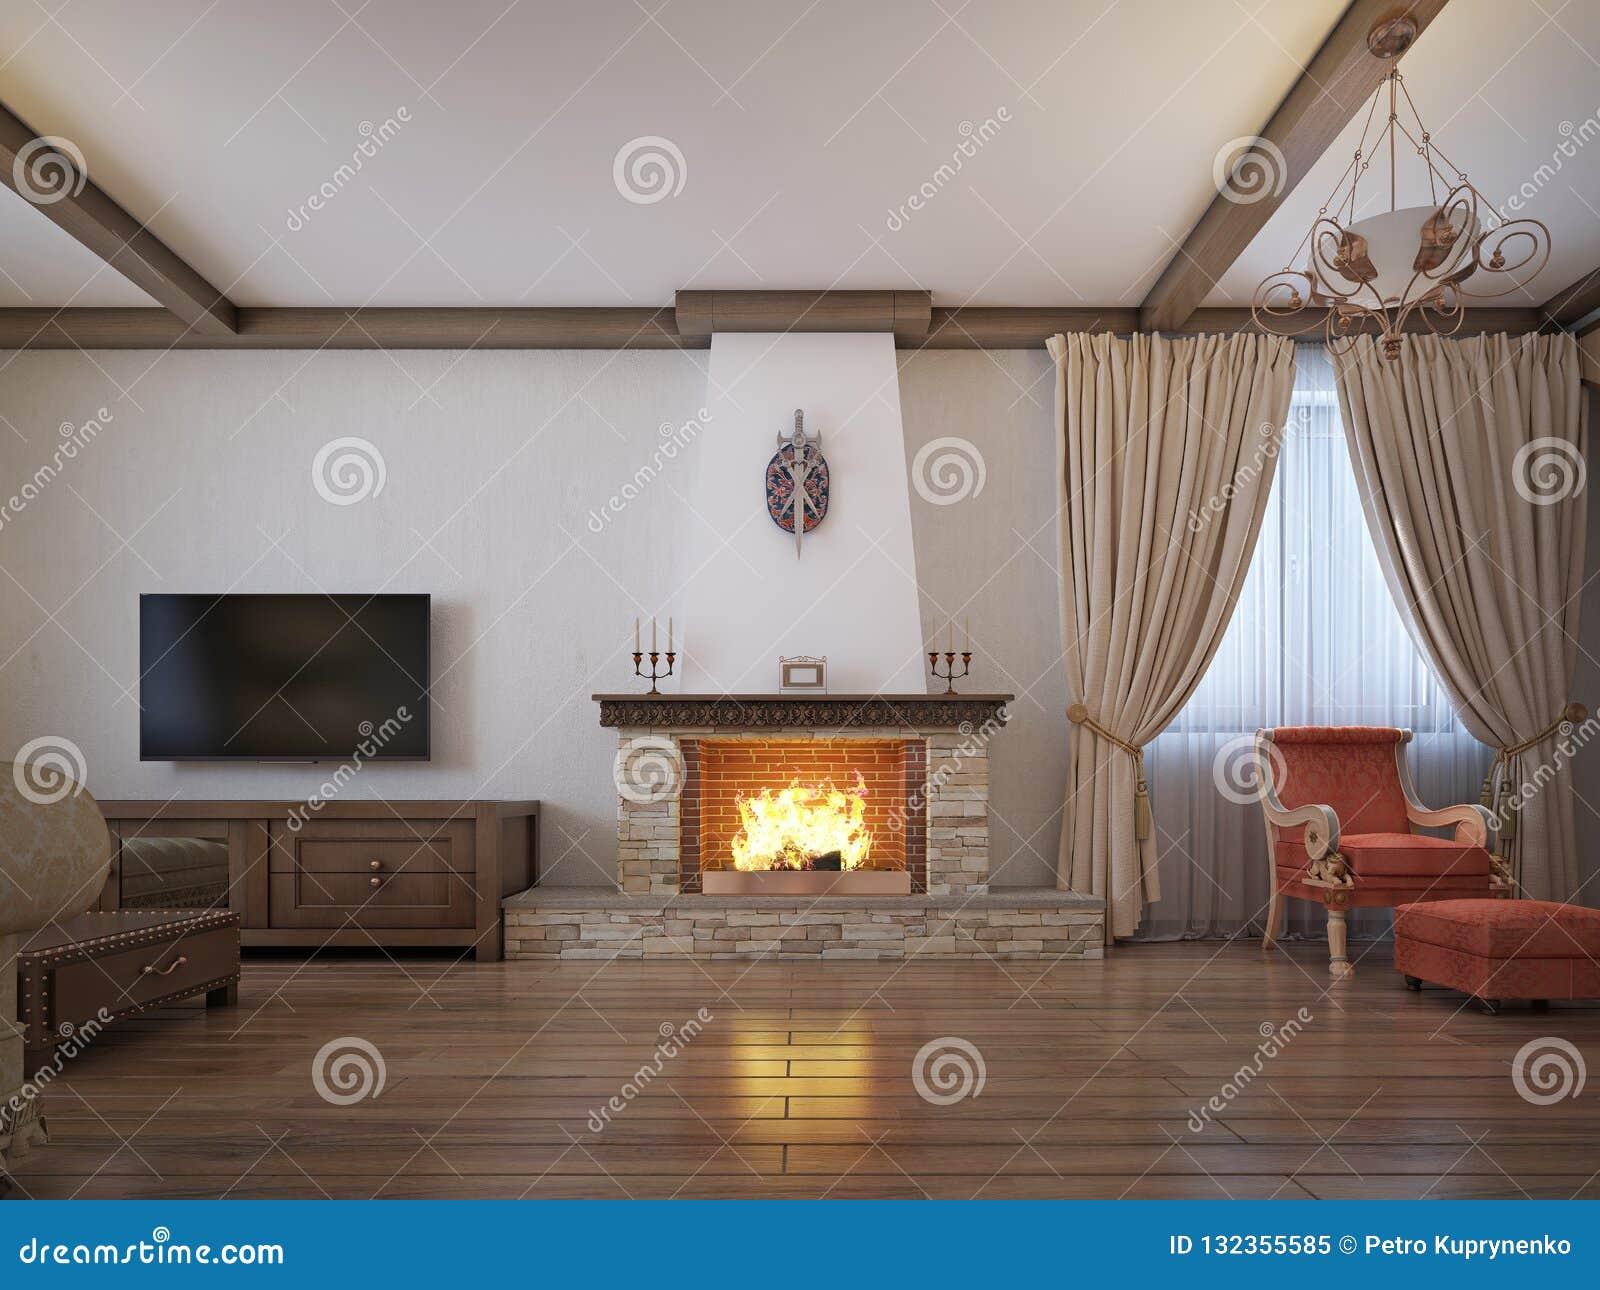 Salon dans un style rustique avec des meubles mous et une grande cheminée avec les éléments classiques